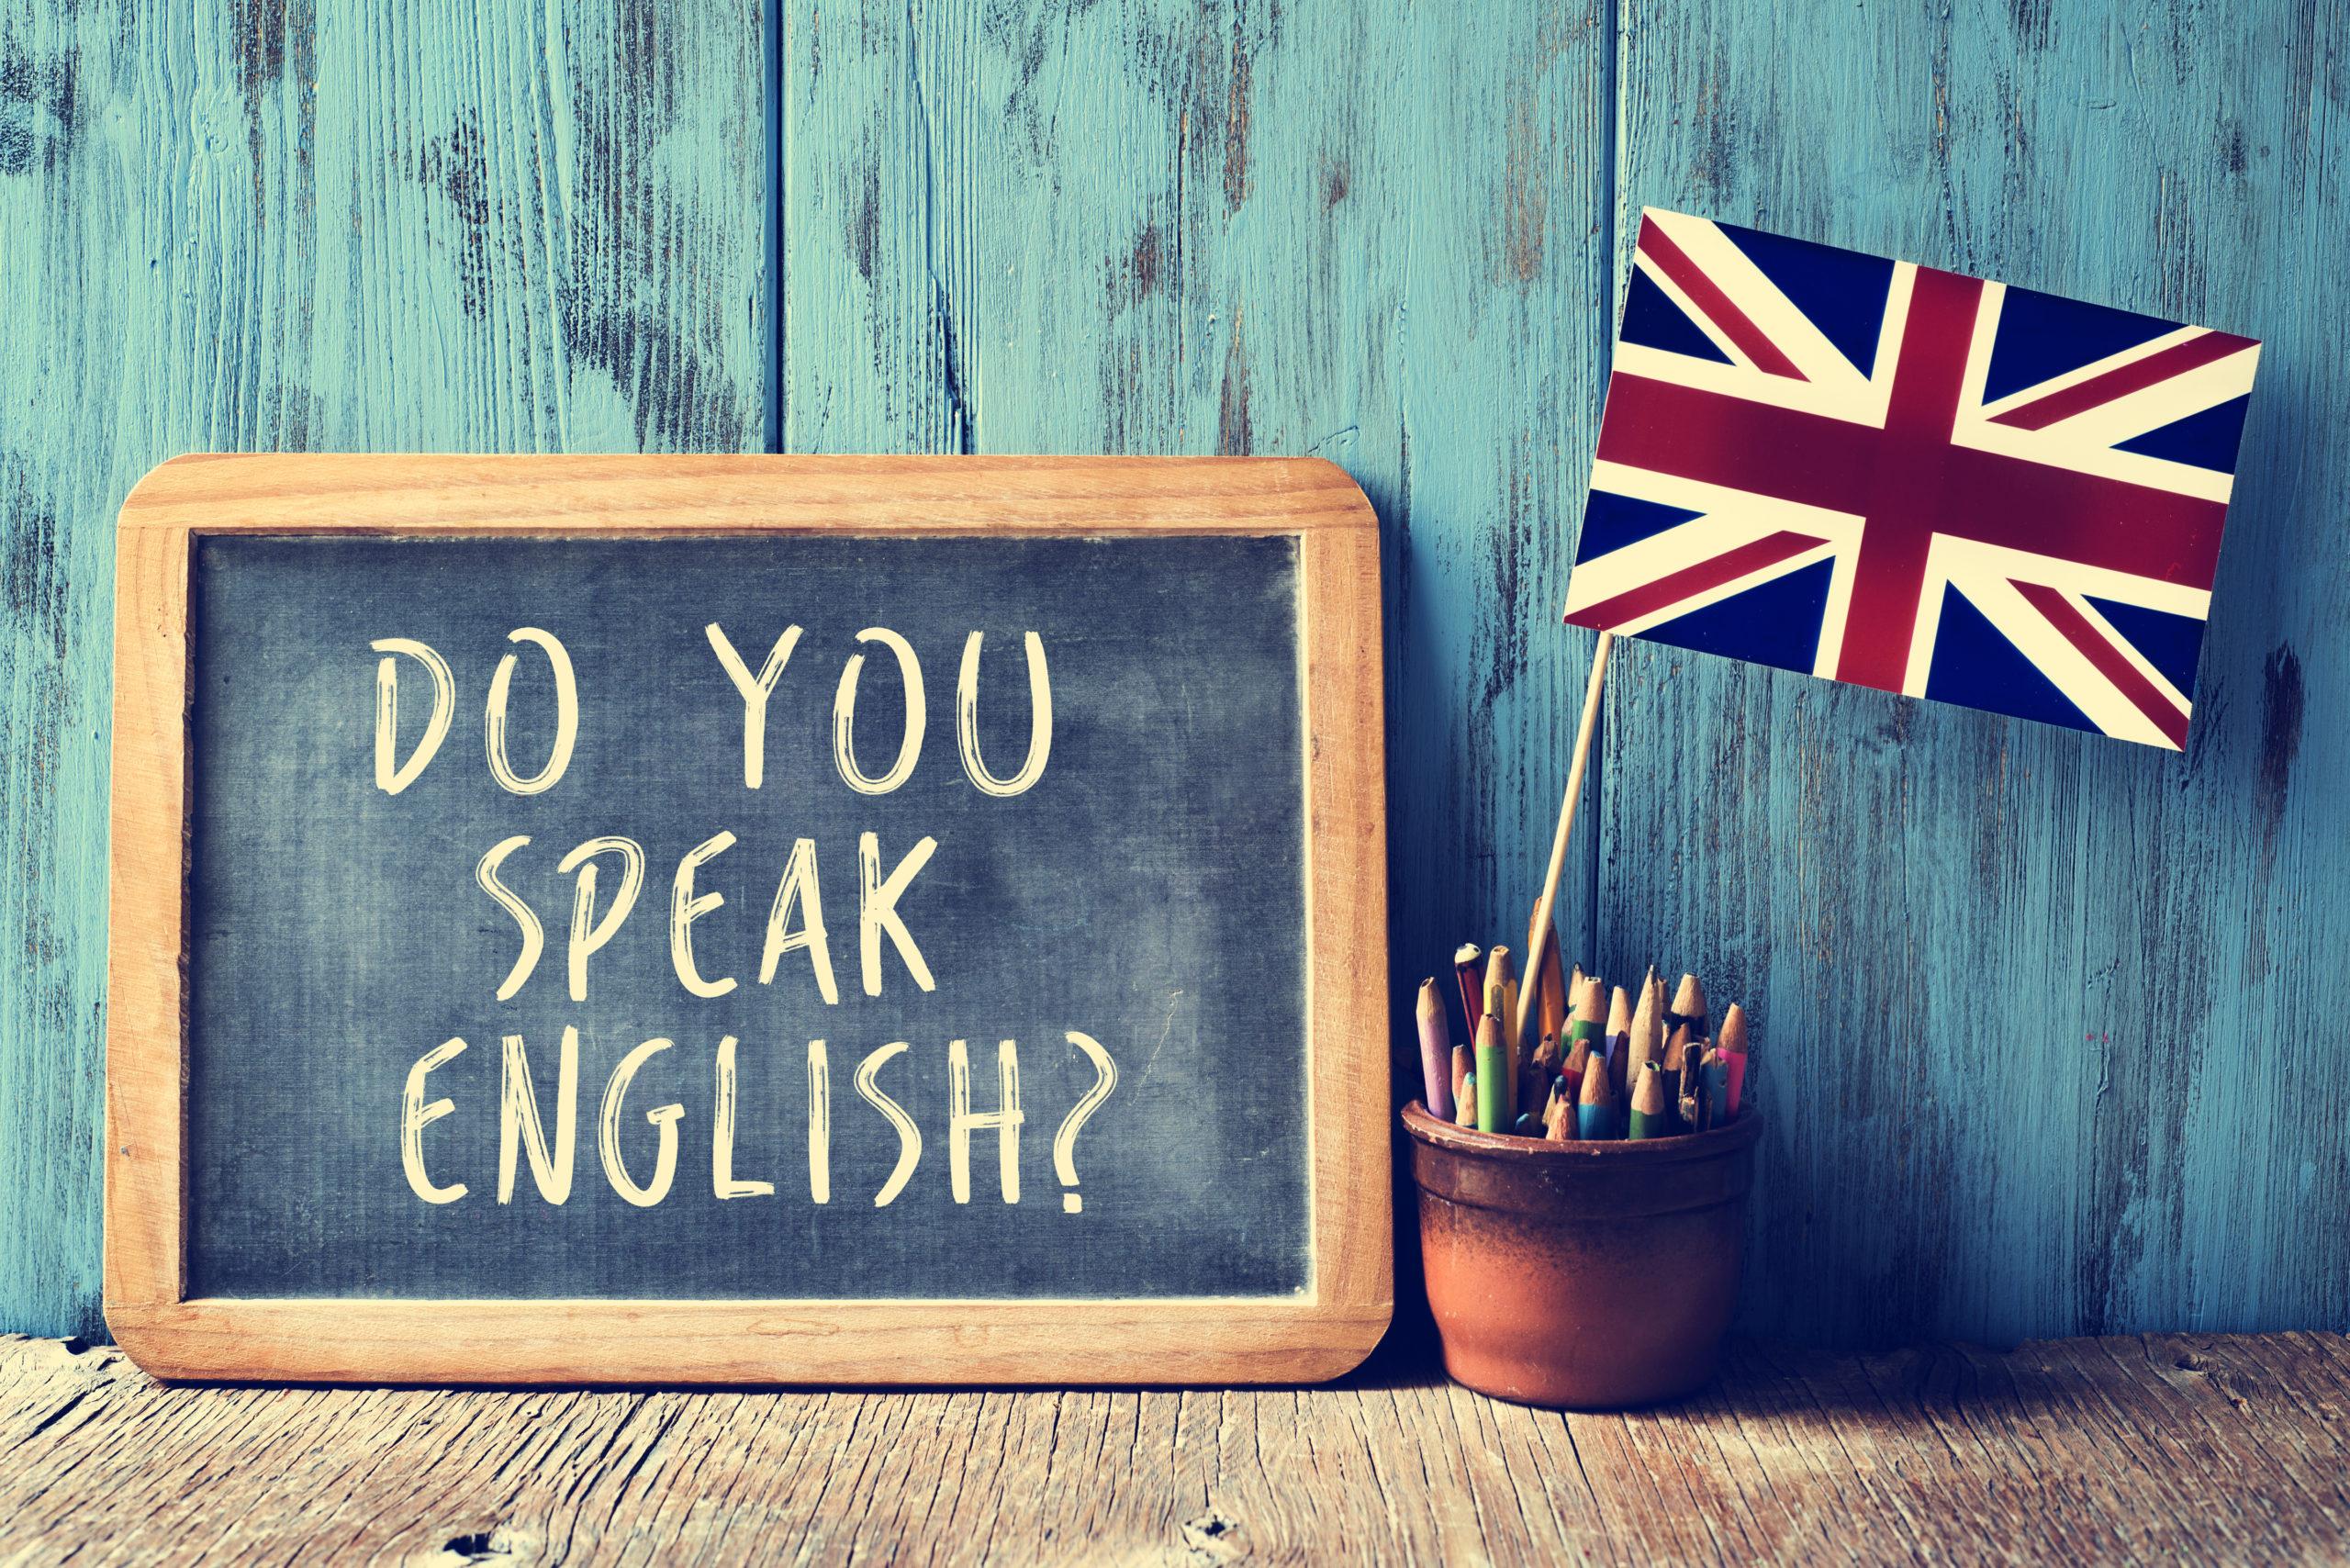 初級A1 英文法・英会話コース(ケンブリッジ)バイリンガル講師